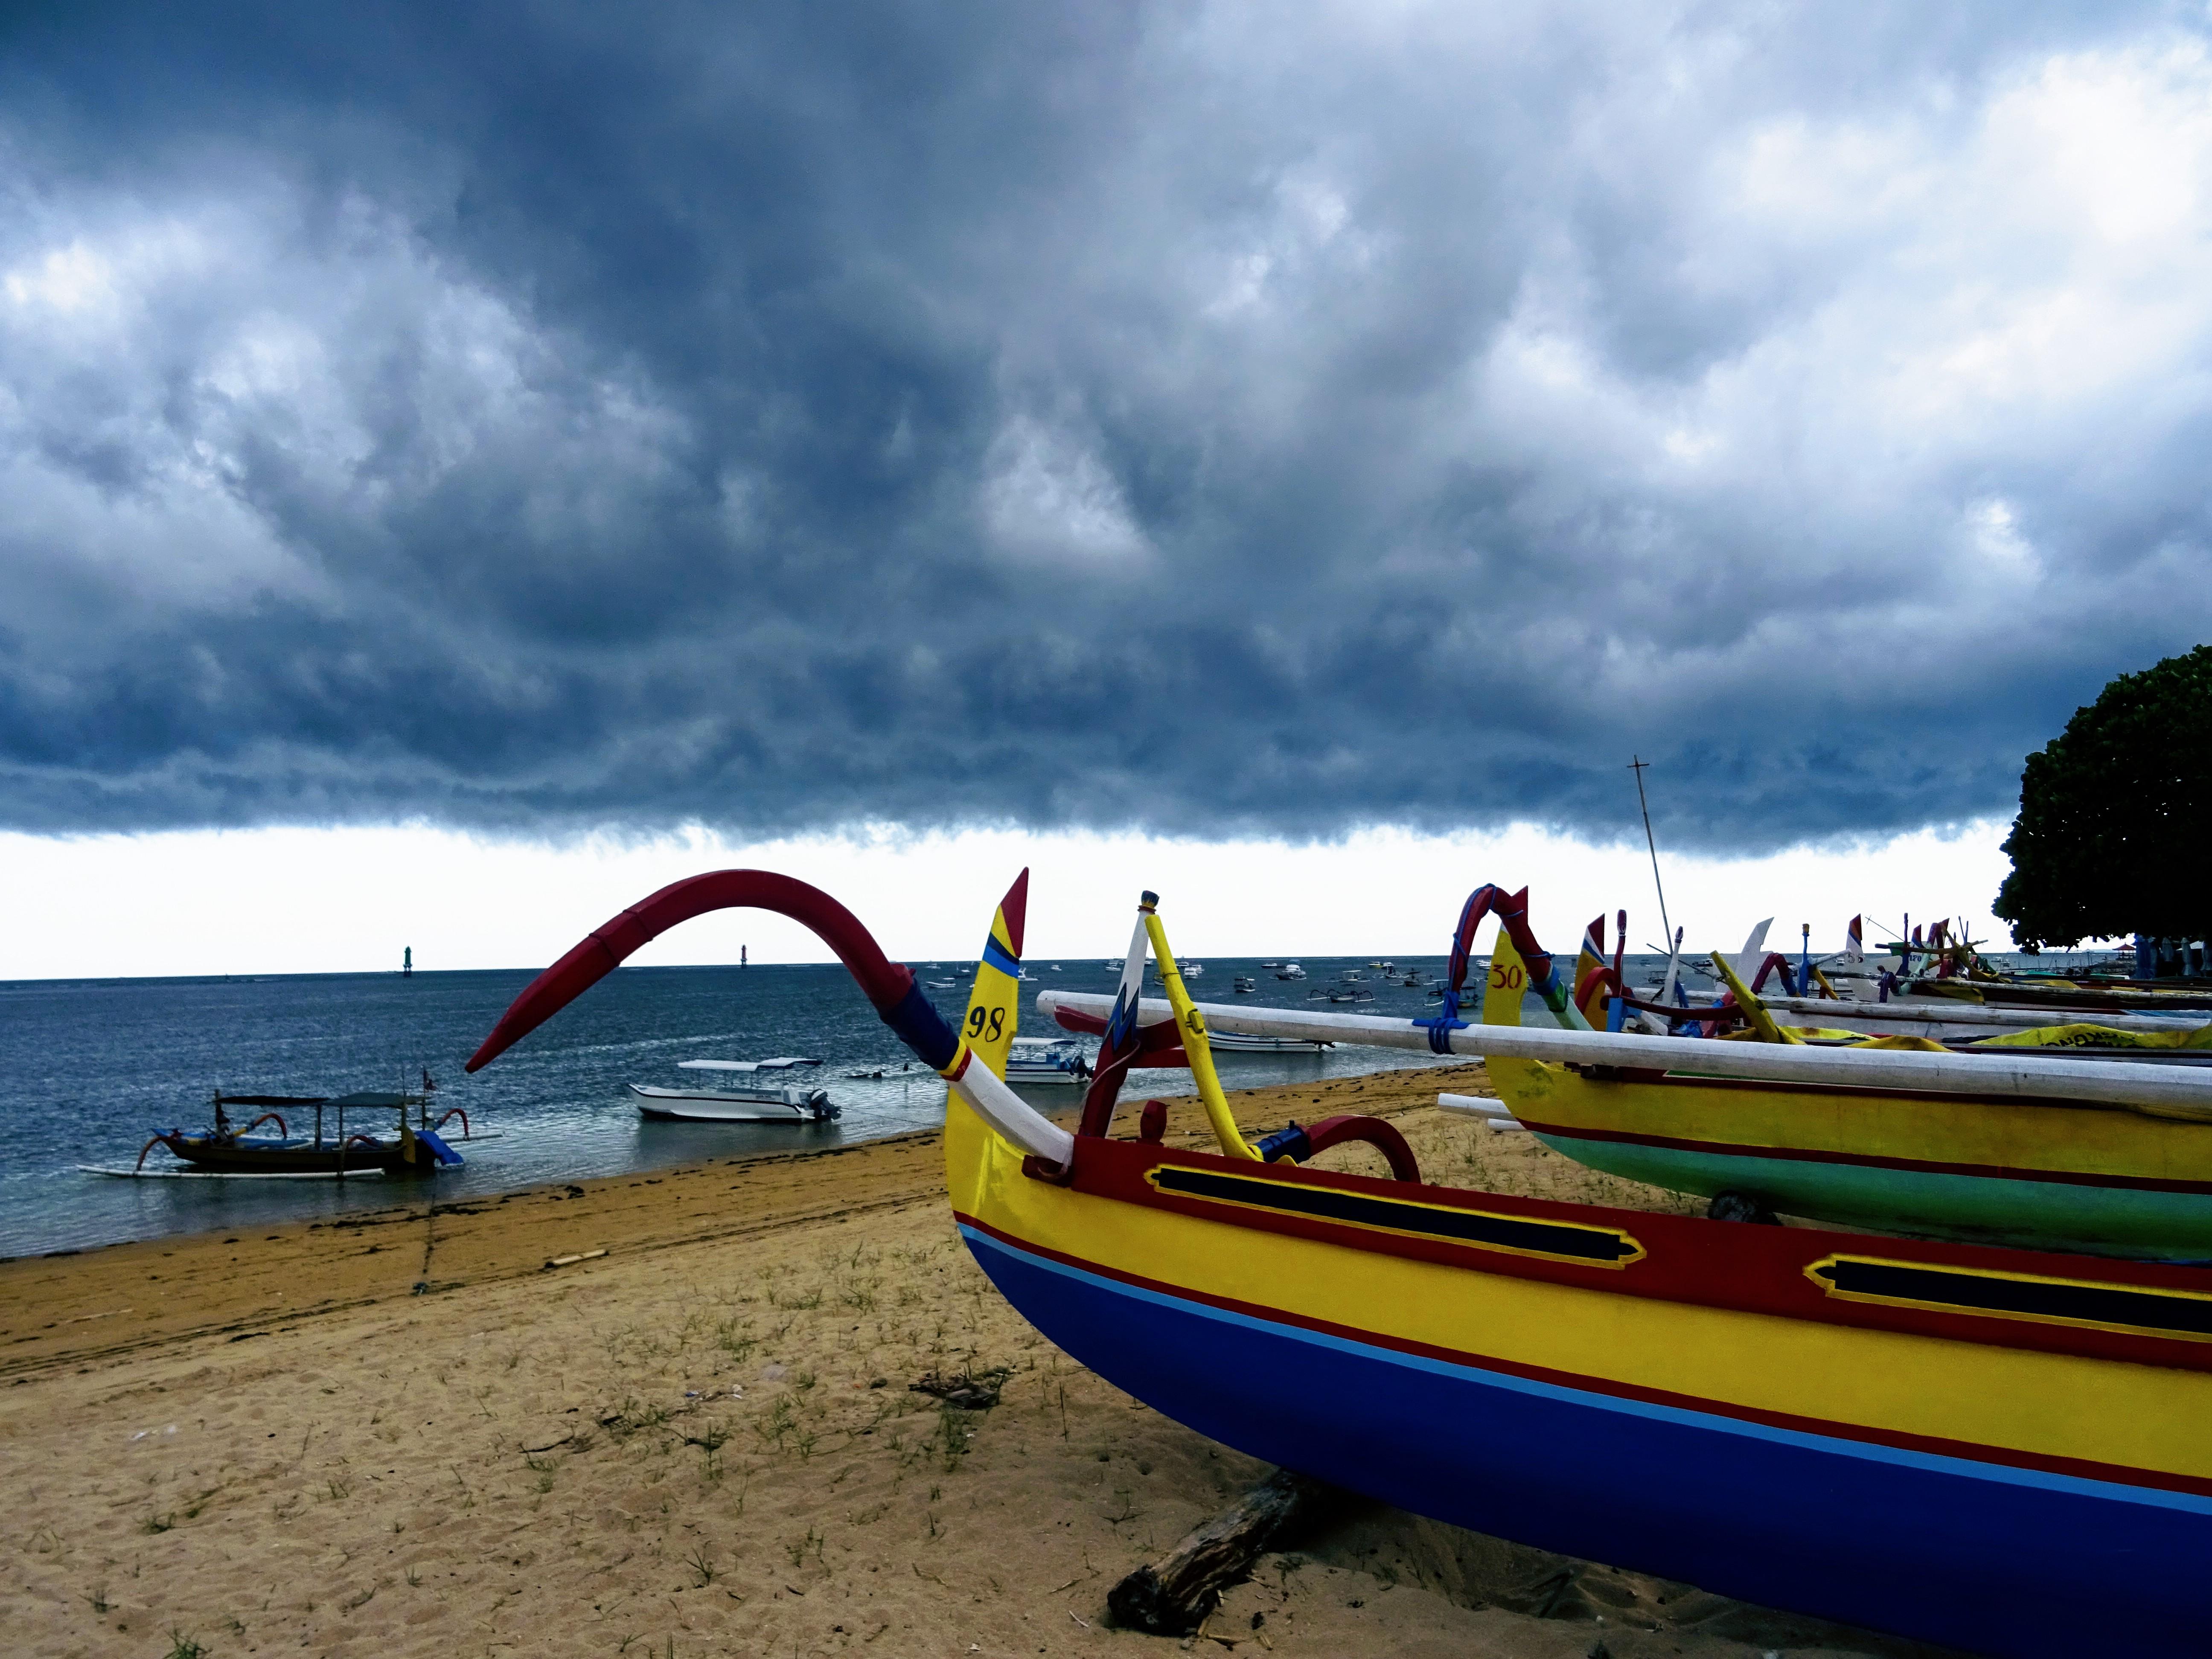 Barevné rybářské loďky © Filip Altman